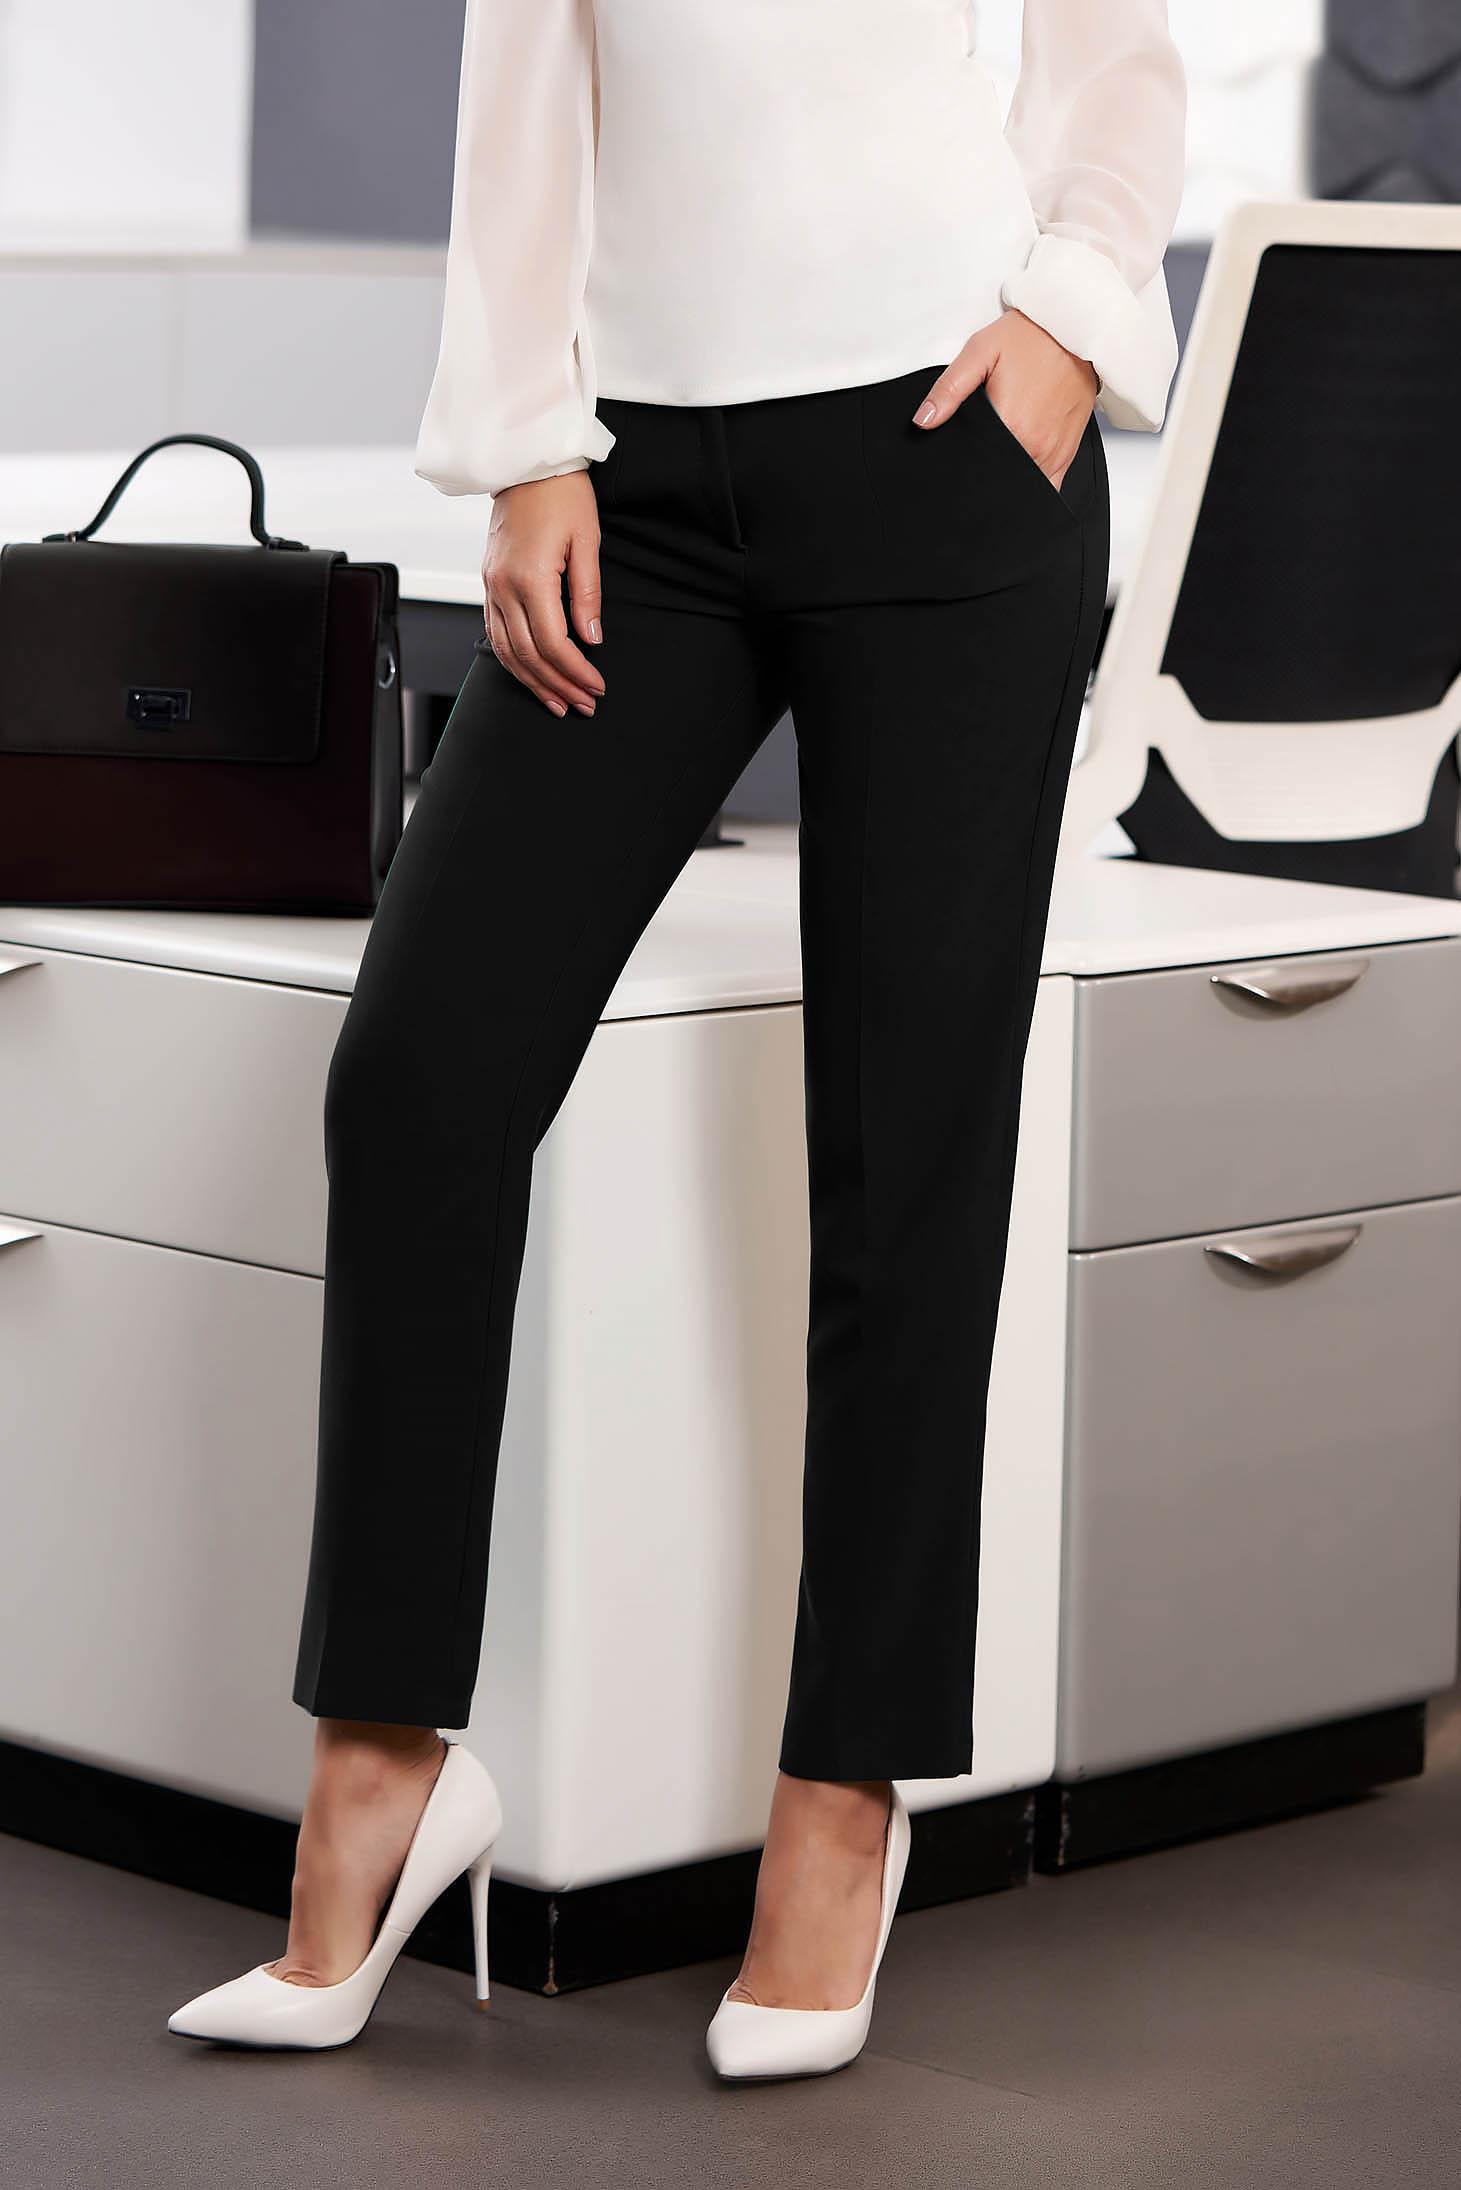 Fekete irodai egyenes nadrág szövetből